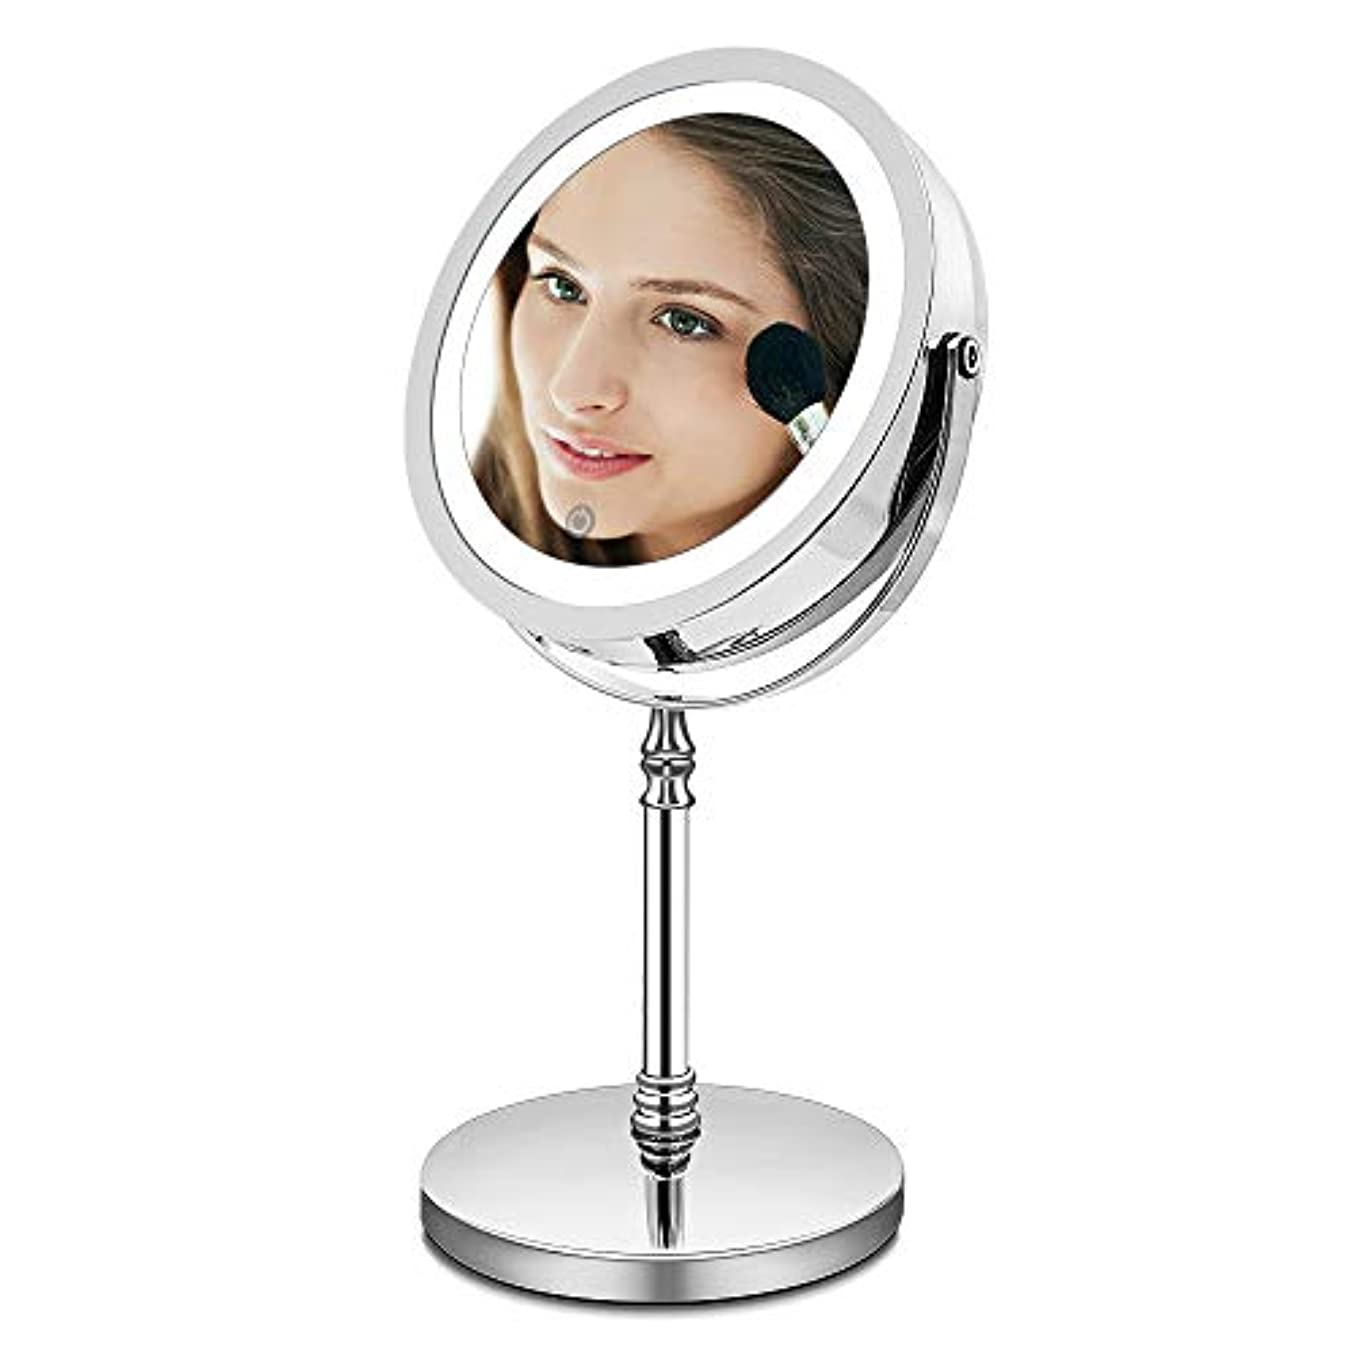 手書き真夜中お祝いAMZTOLIFE 10倍拡大鏡+等倍鏡 化粧鏡 ライト付き 卓上鏡 ミラー 鏡 化粧ミラー メイクアップミラー スタンドミラー 360度回転 明るさ調節 日本語取扱説明書付き (タイチー)